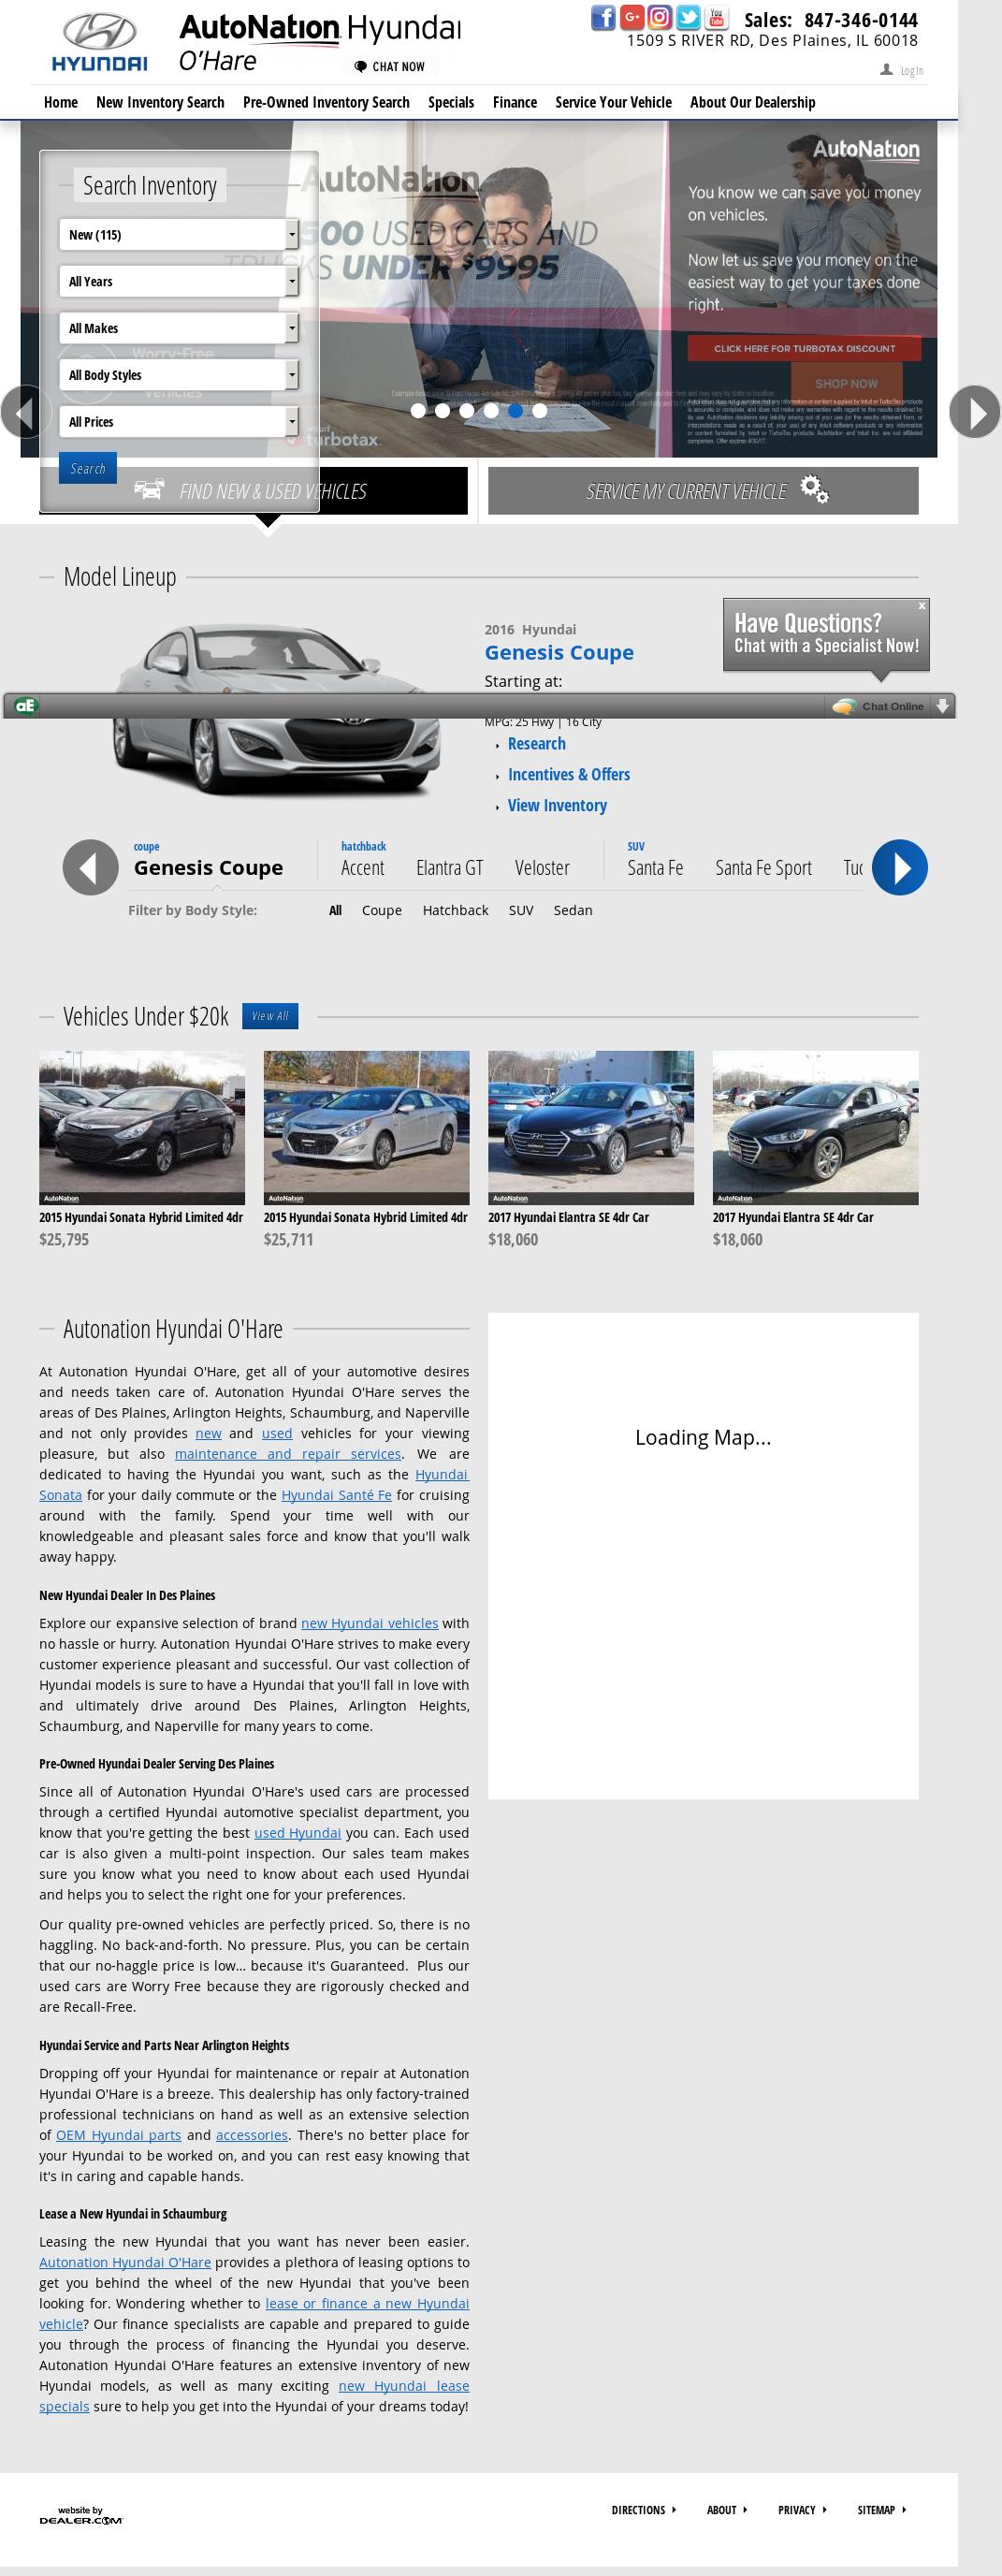 Autonation O Hare >> Autonation Hyundai O Hare Competitors Revenue And Employees